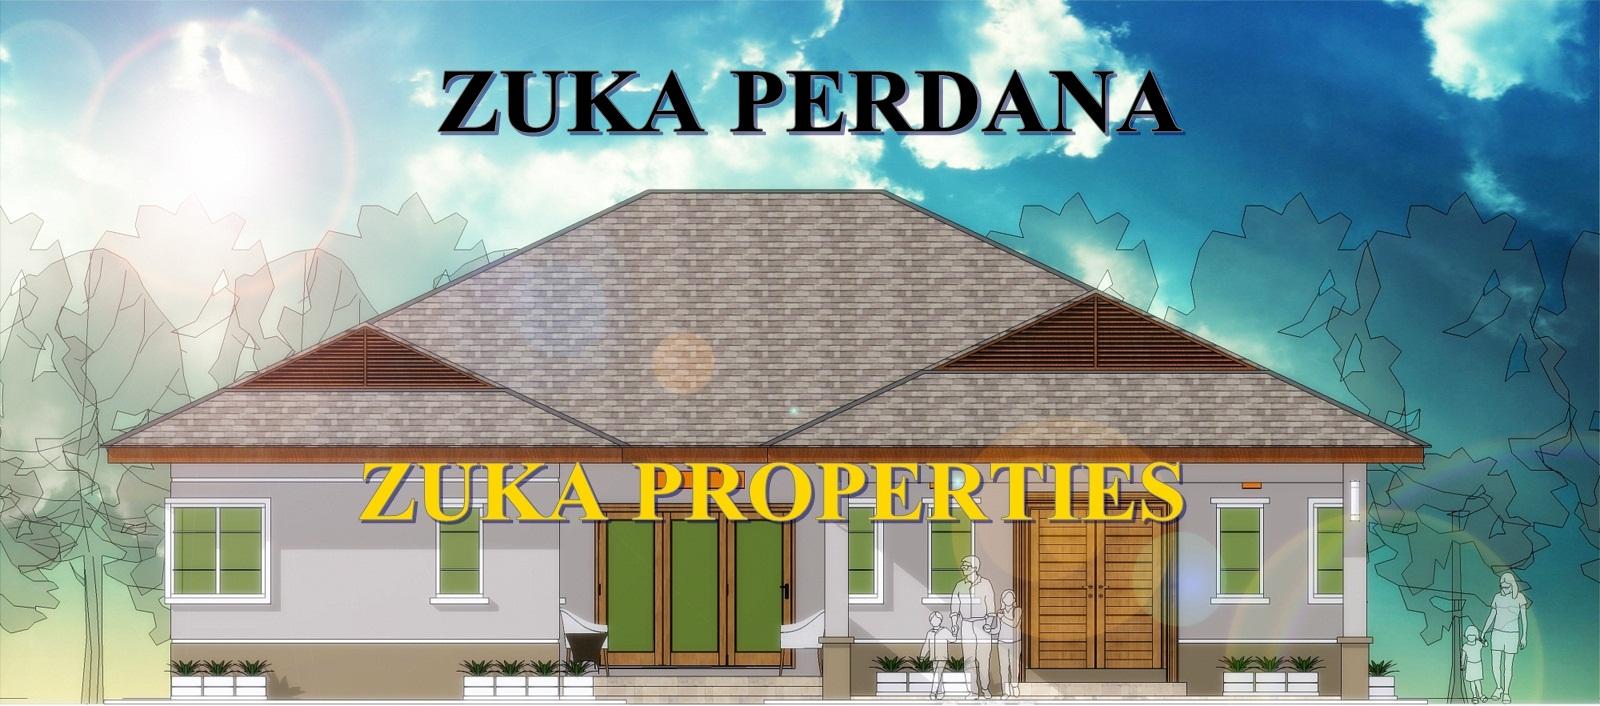 Rumah Zuka Properties Reka Bentuk Zuka